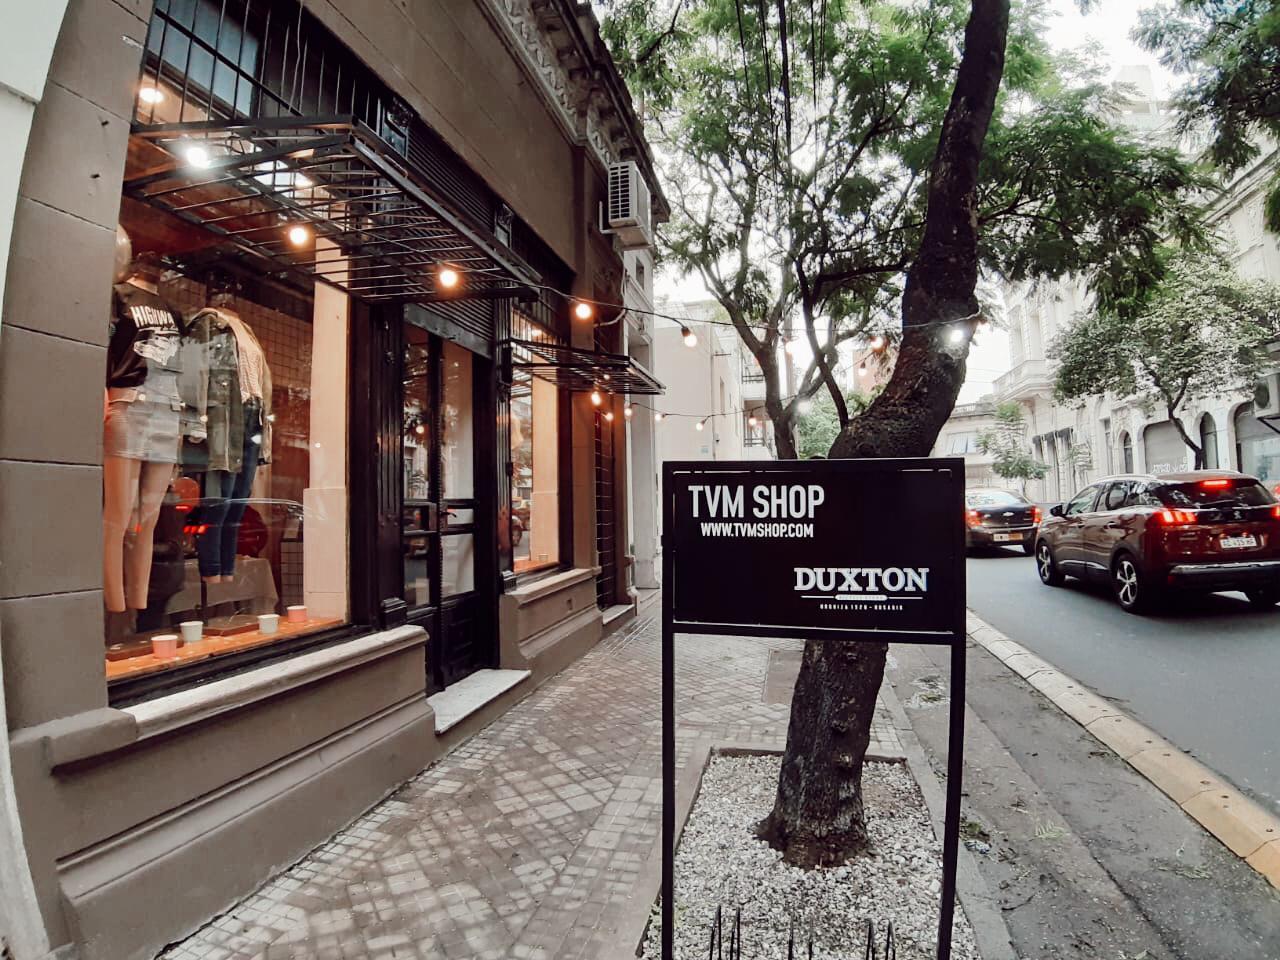 TVM Shop